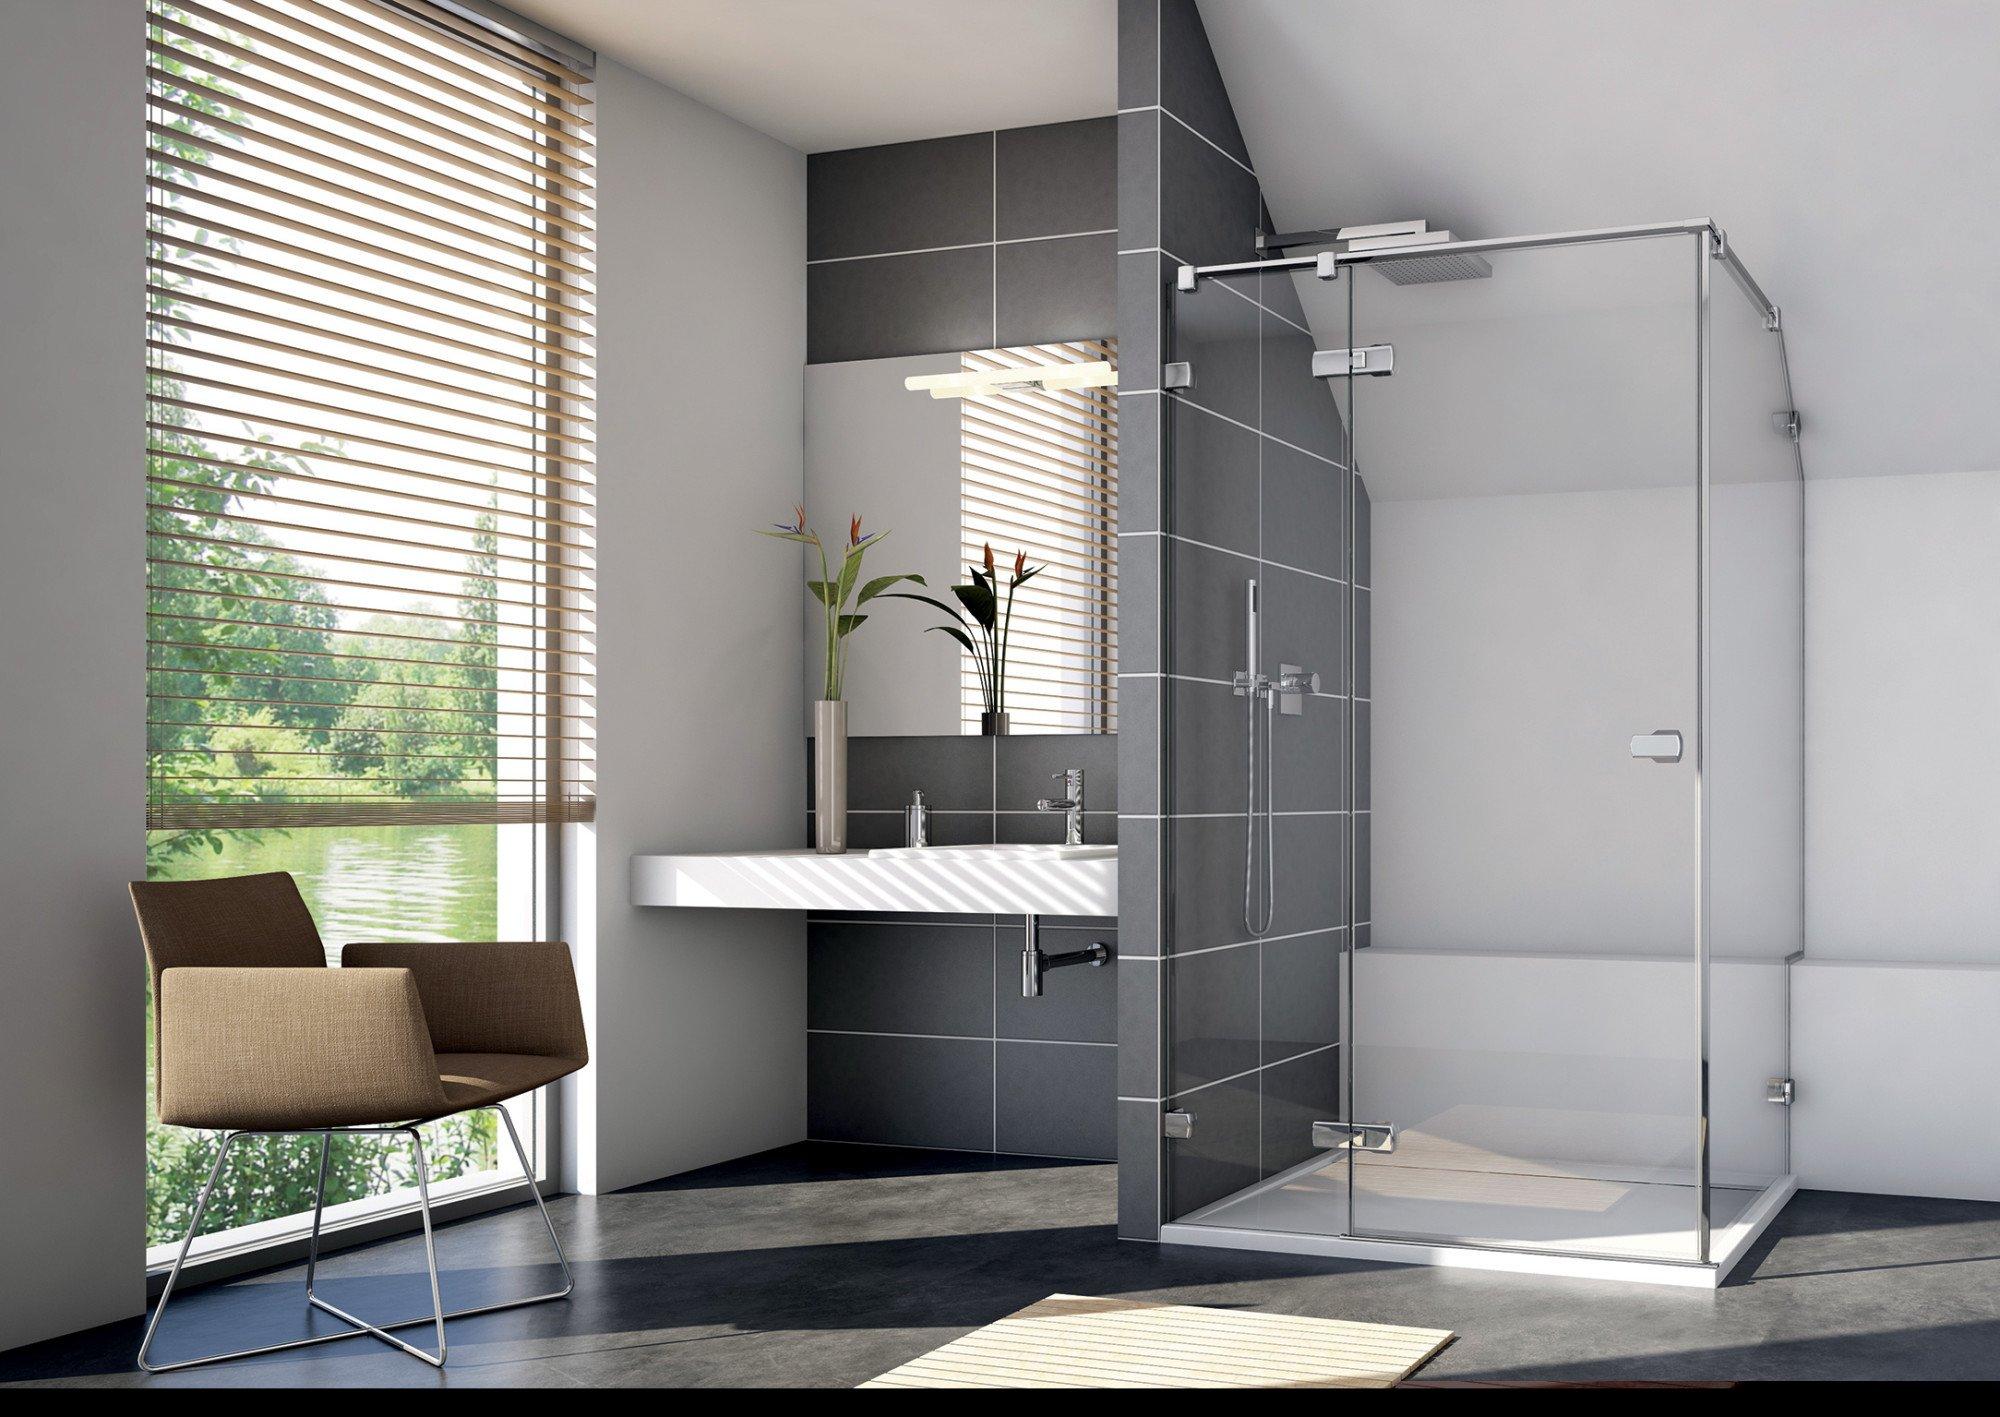 Zum Programm Gehören Glasabtrennungen Für Freistehende Duschbereiche,  Duschen In Raumecken Oder Nischen Und Mit Direkter Anbindung An Die  Badewanne